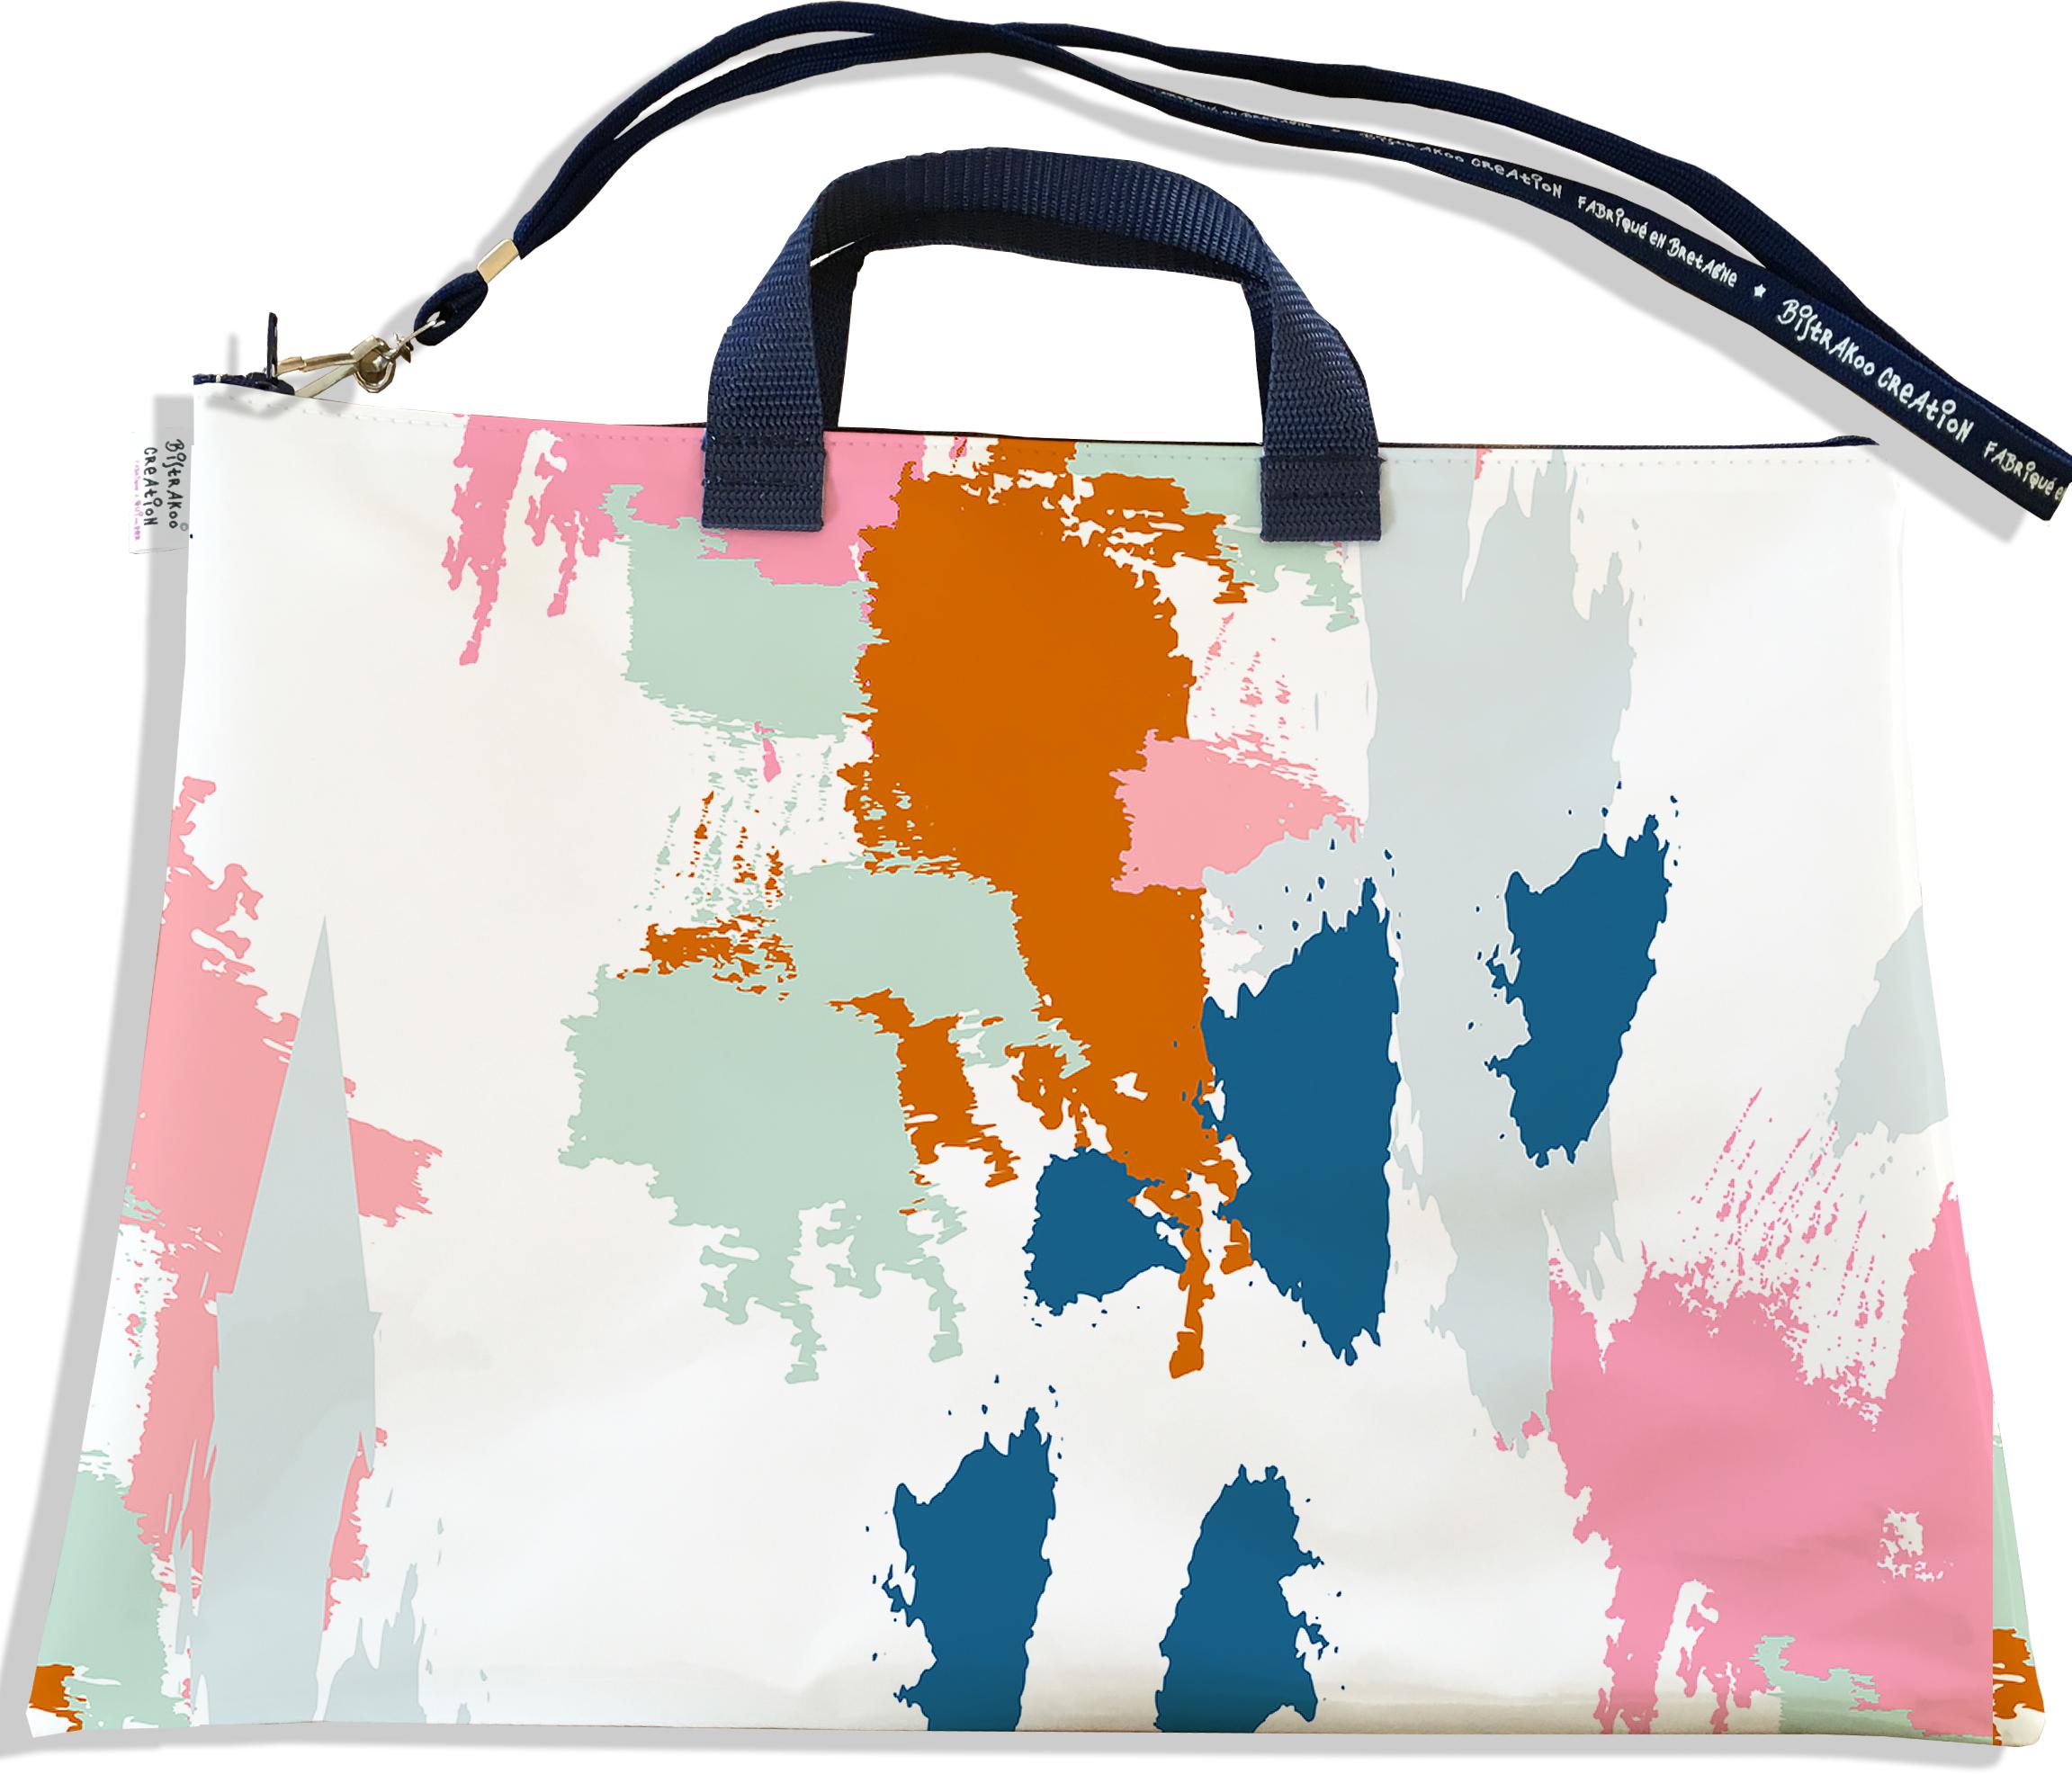 Sacoche ordinateur portable 11 & 13 pouces pour femme motif Taches Peinture multicolores SOP6013